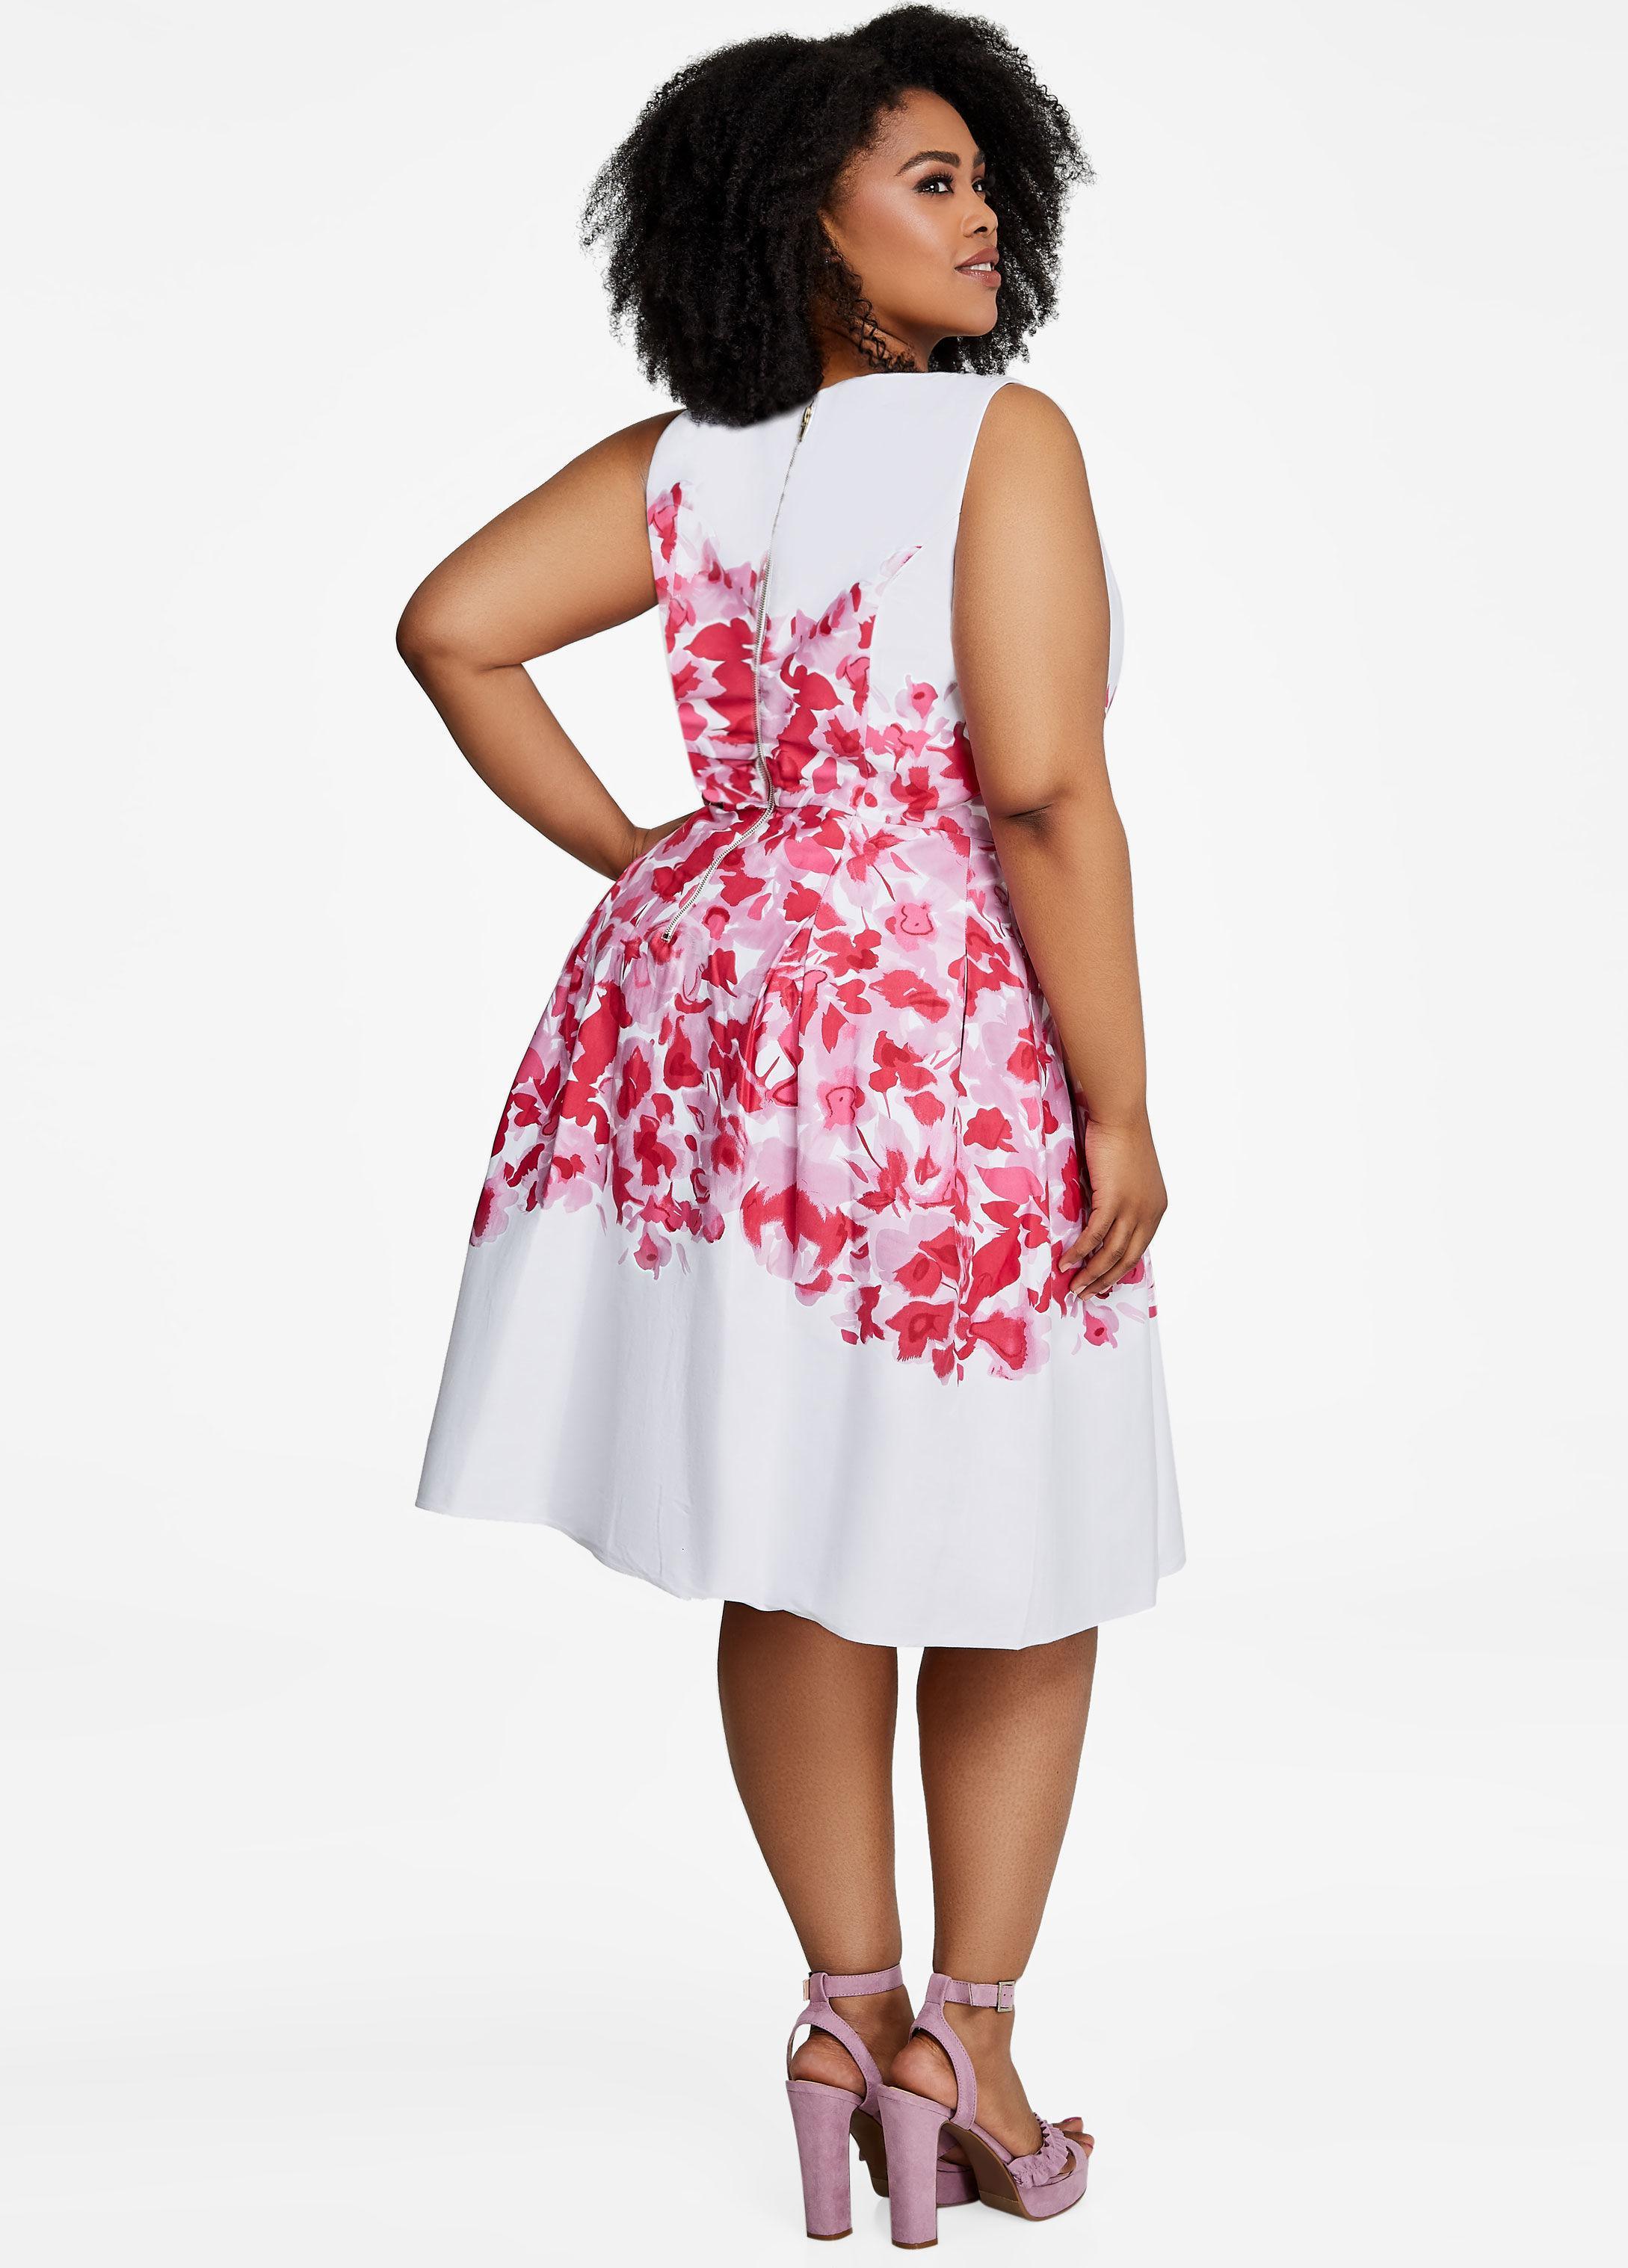 010cad485ac Lyst - Ashley Stewart Center Floral Fit N Flare Dress